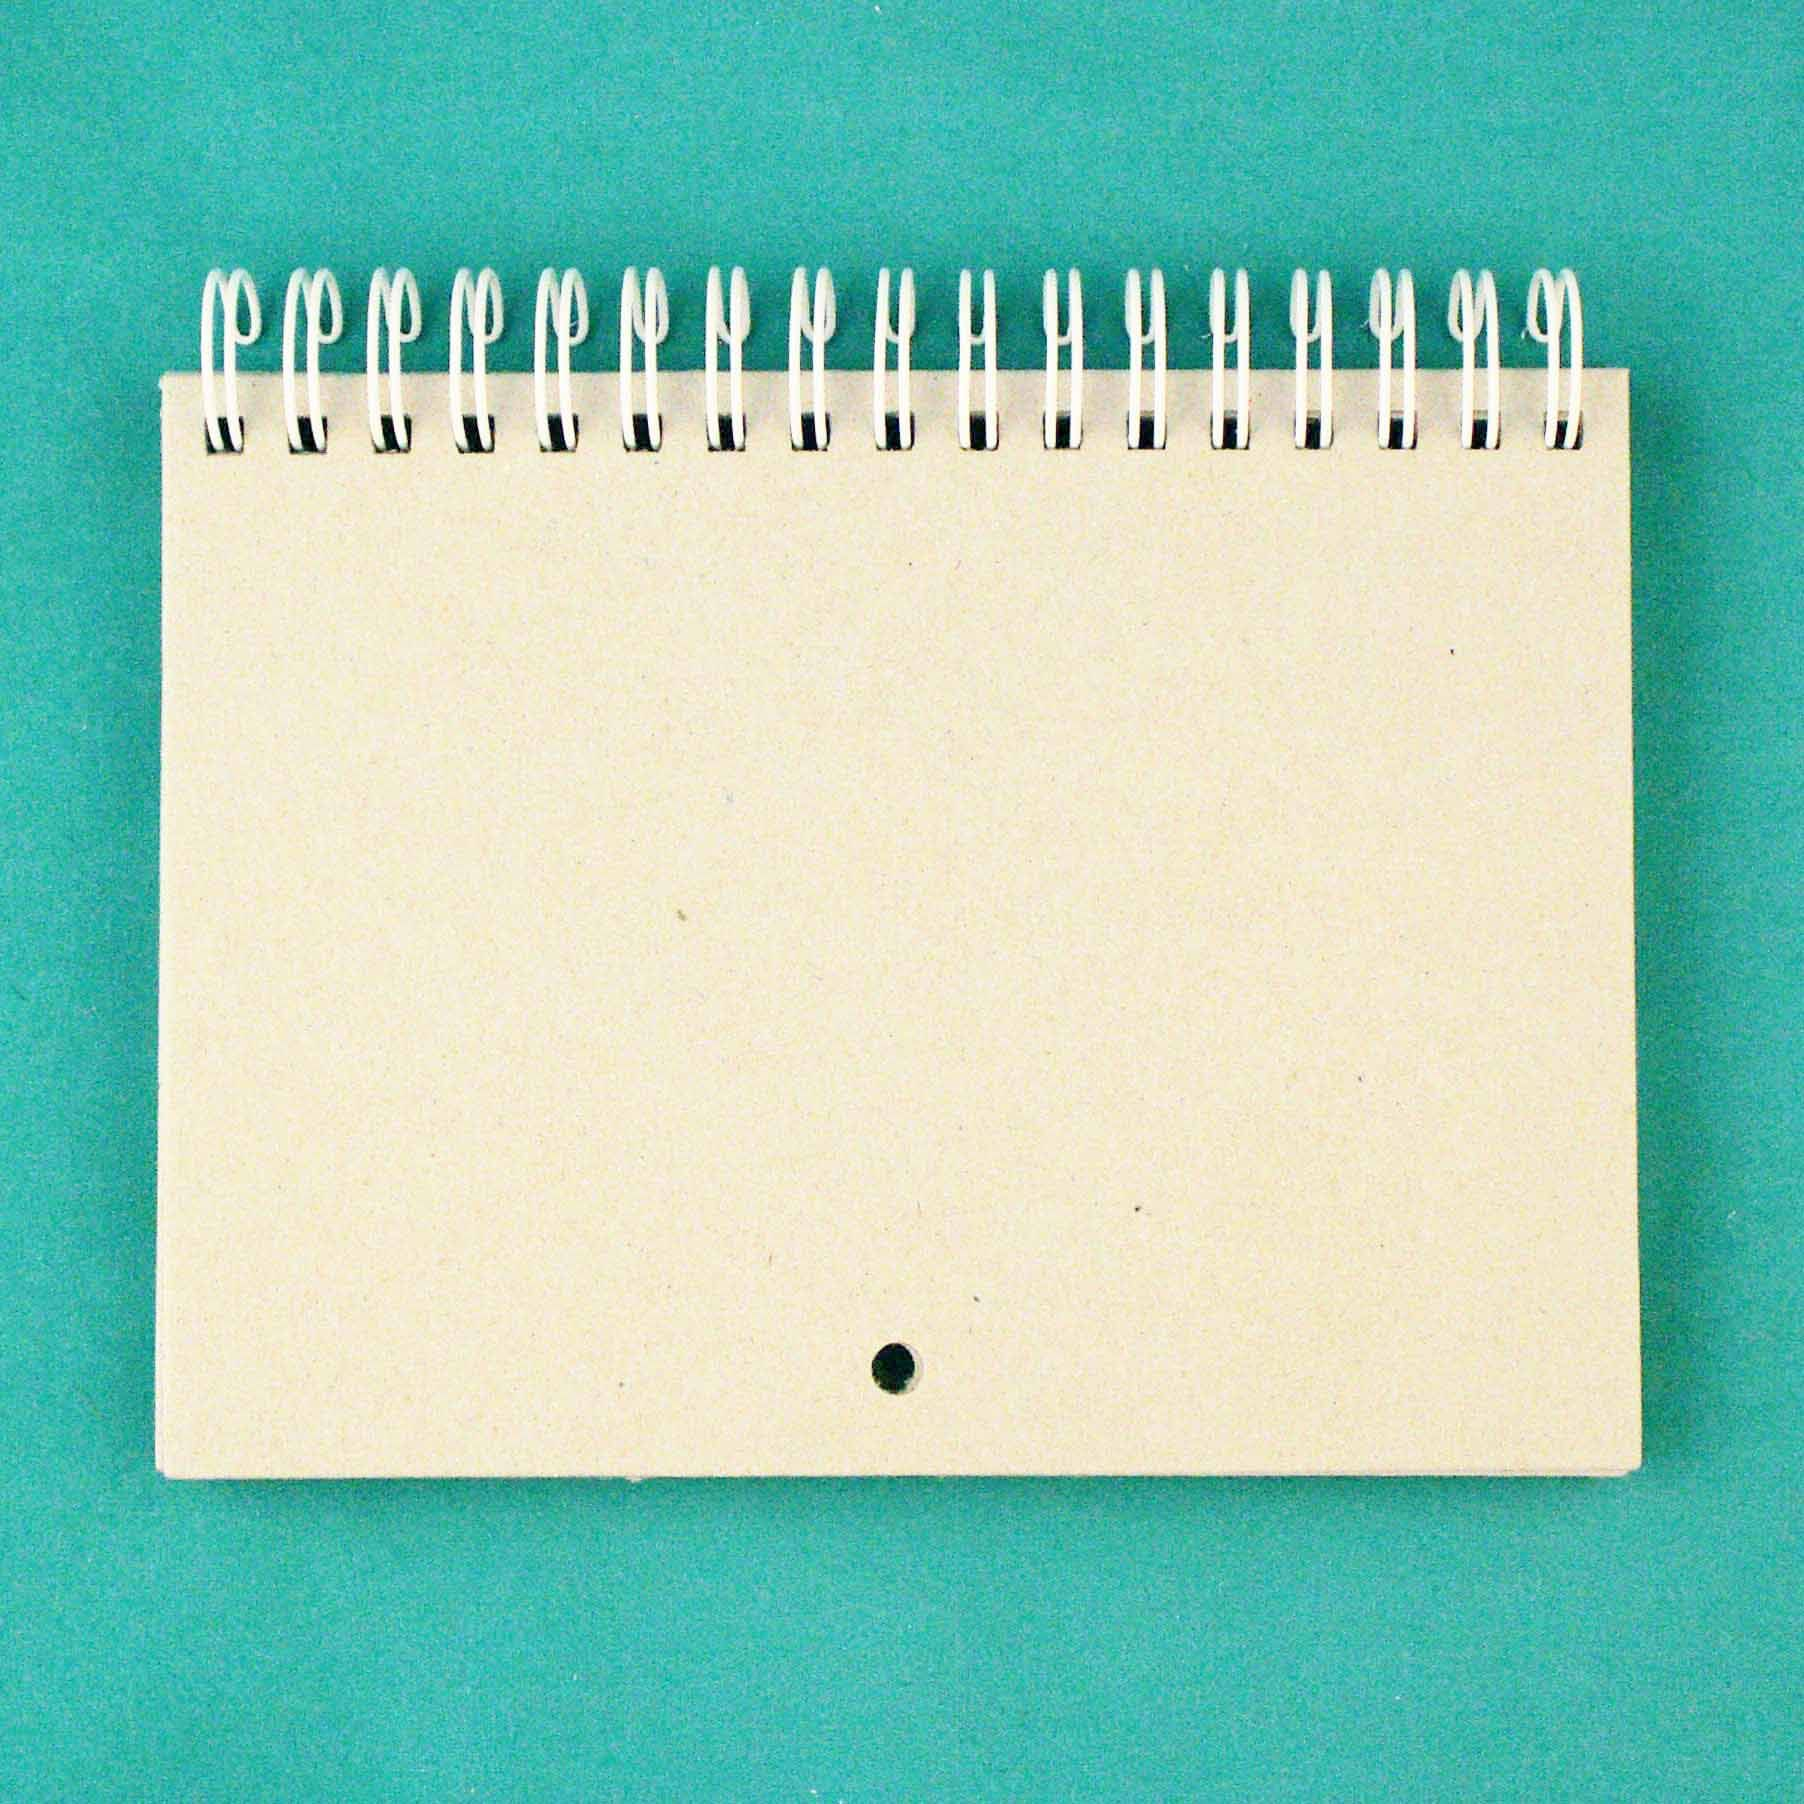 КП001-Б Заготовка для календаря на белой пружине, А6, 7 листов